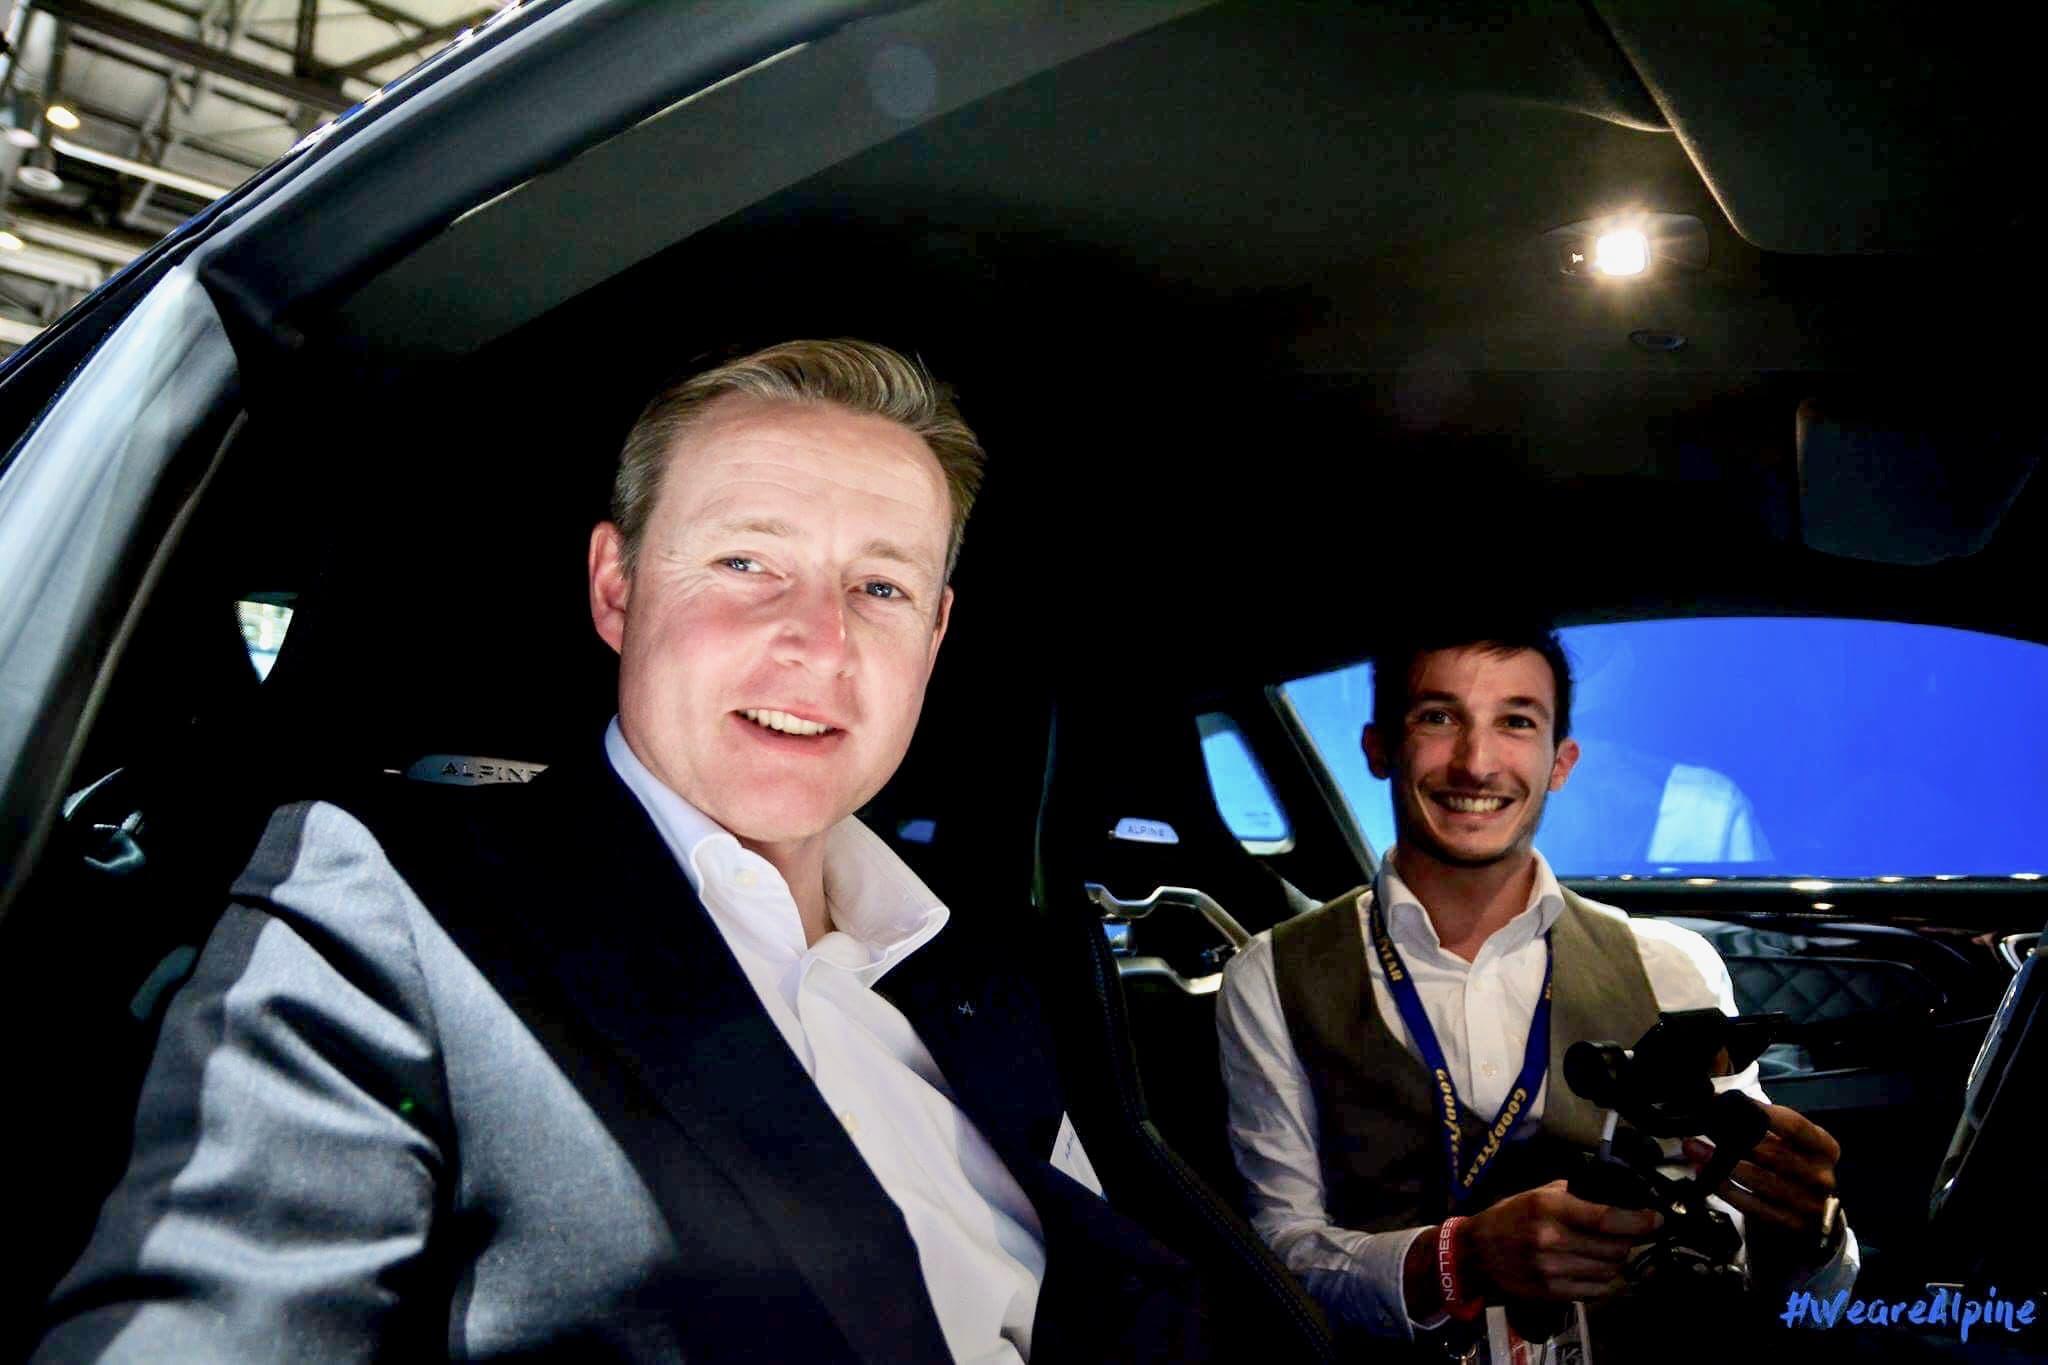 Interview de David Twohig chef ingenieur Alpine au GimsSwiss 2017 à bord de l'Alpine A110